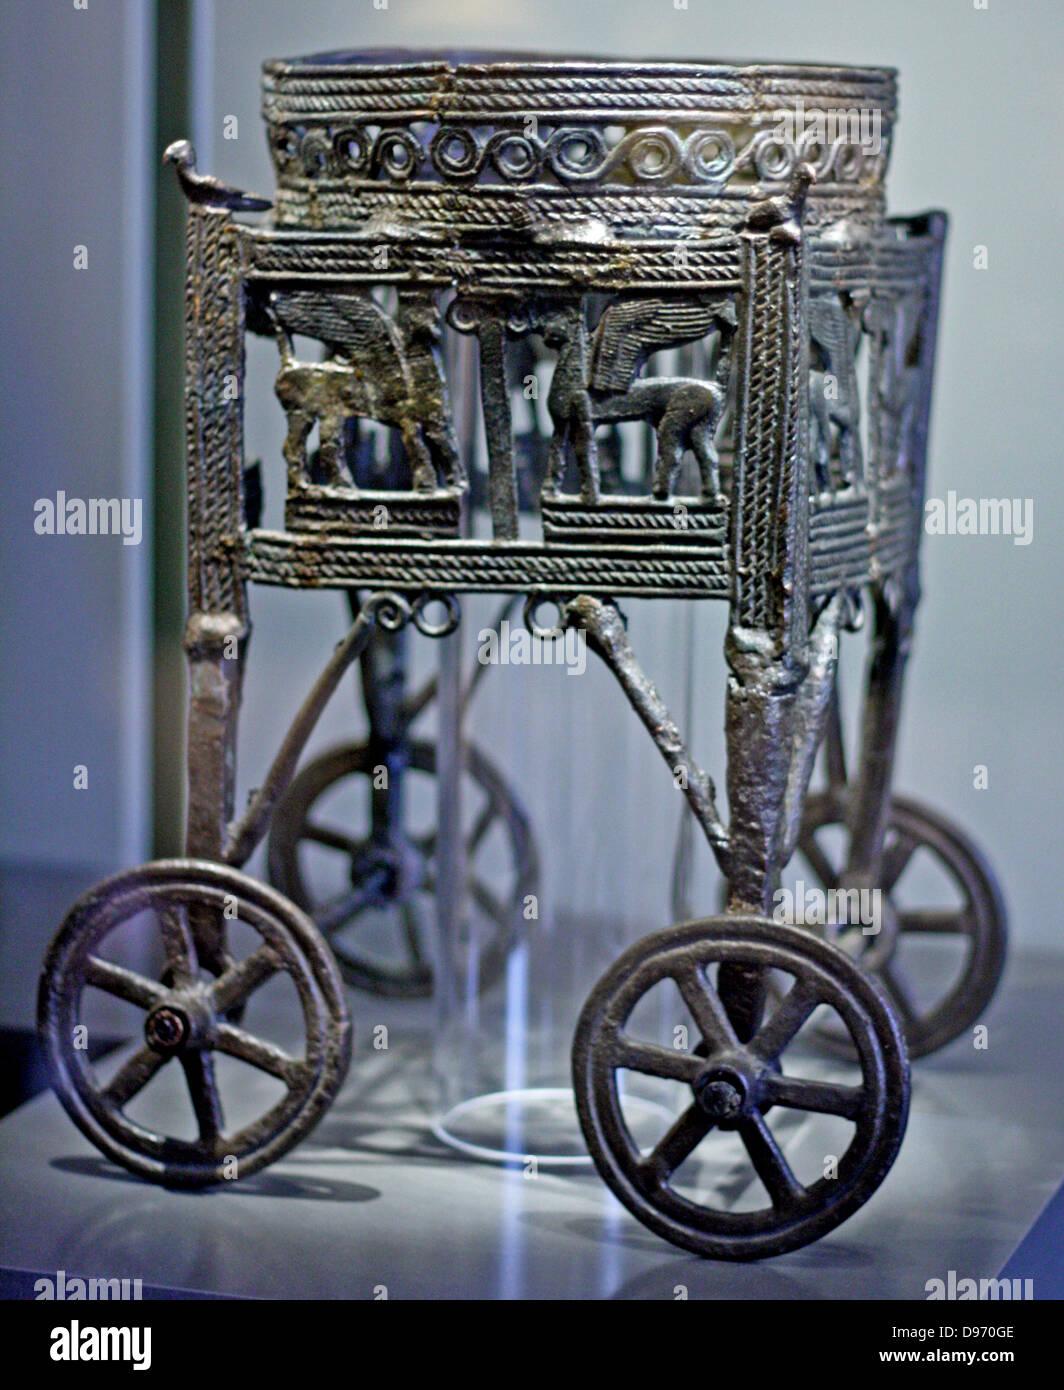 Roues de chariot en bronze construit pour un chaudron 12-11 ème siècle avant J.-C. à partir de Larnaka, Chypre Grec. Banque D'Images